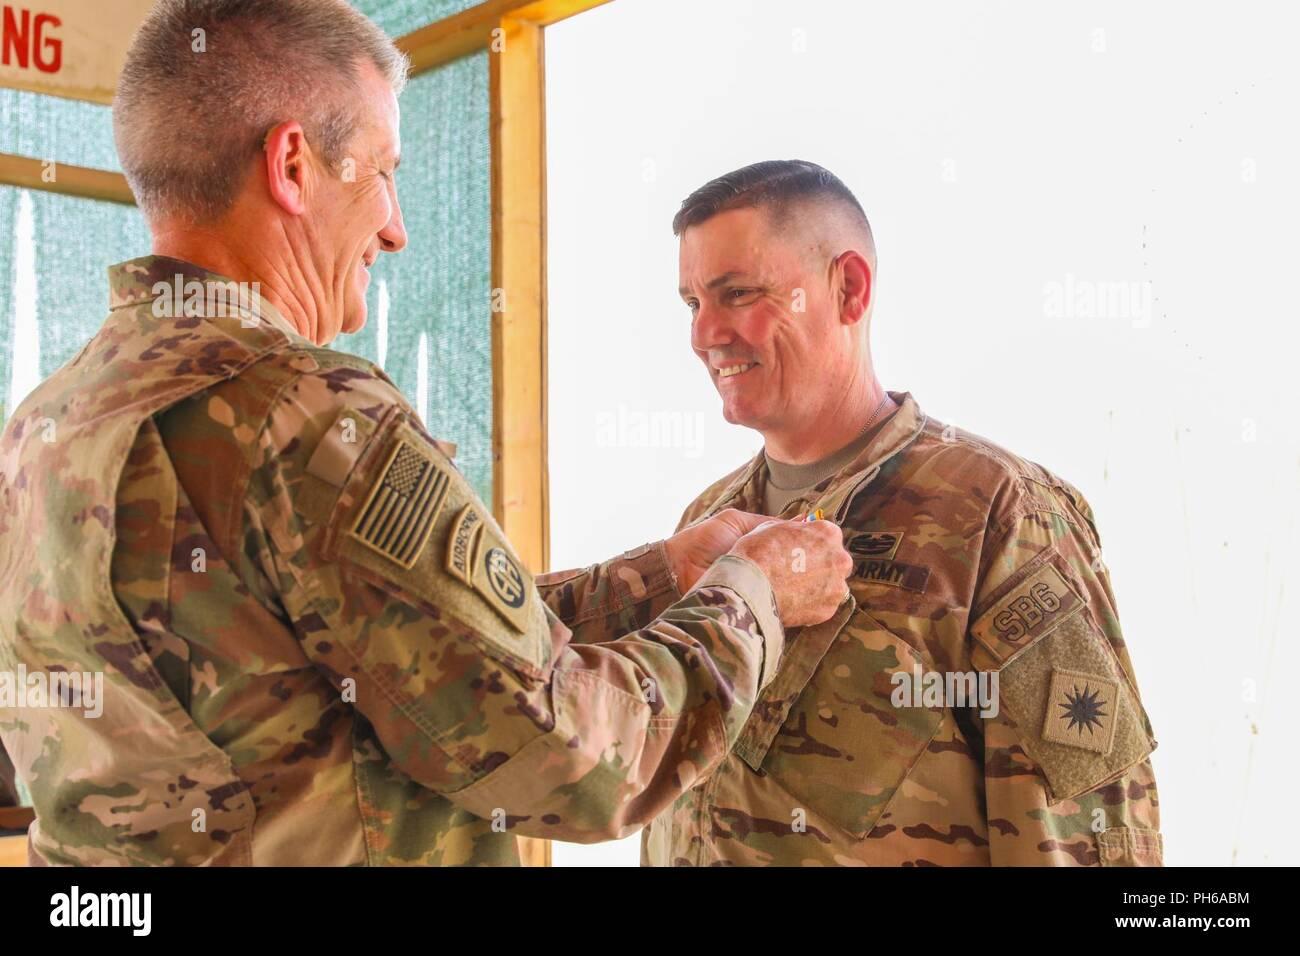 KANDAHAR AIRFIELD, Afghanistan (June 30, 2018) -- U S  Army